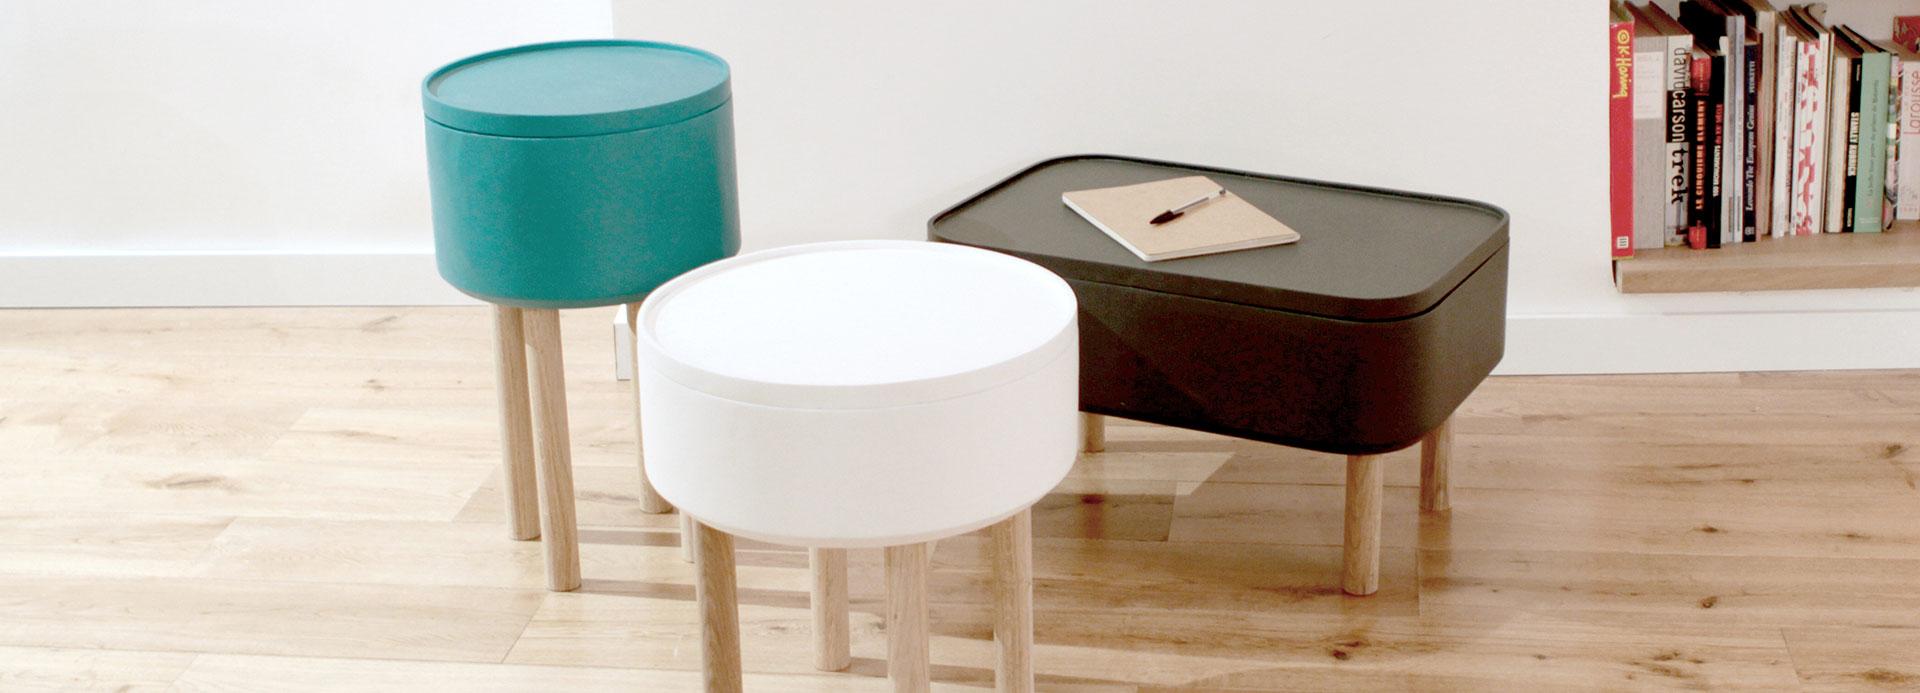 m bel24 m bel g nstig online kaufen. Black Bedroom Furniture Sets. Home Design Ideas